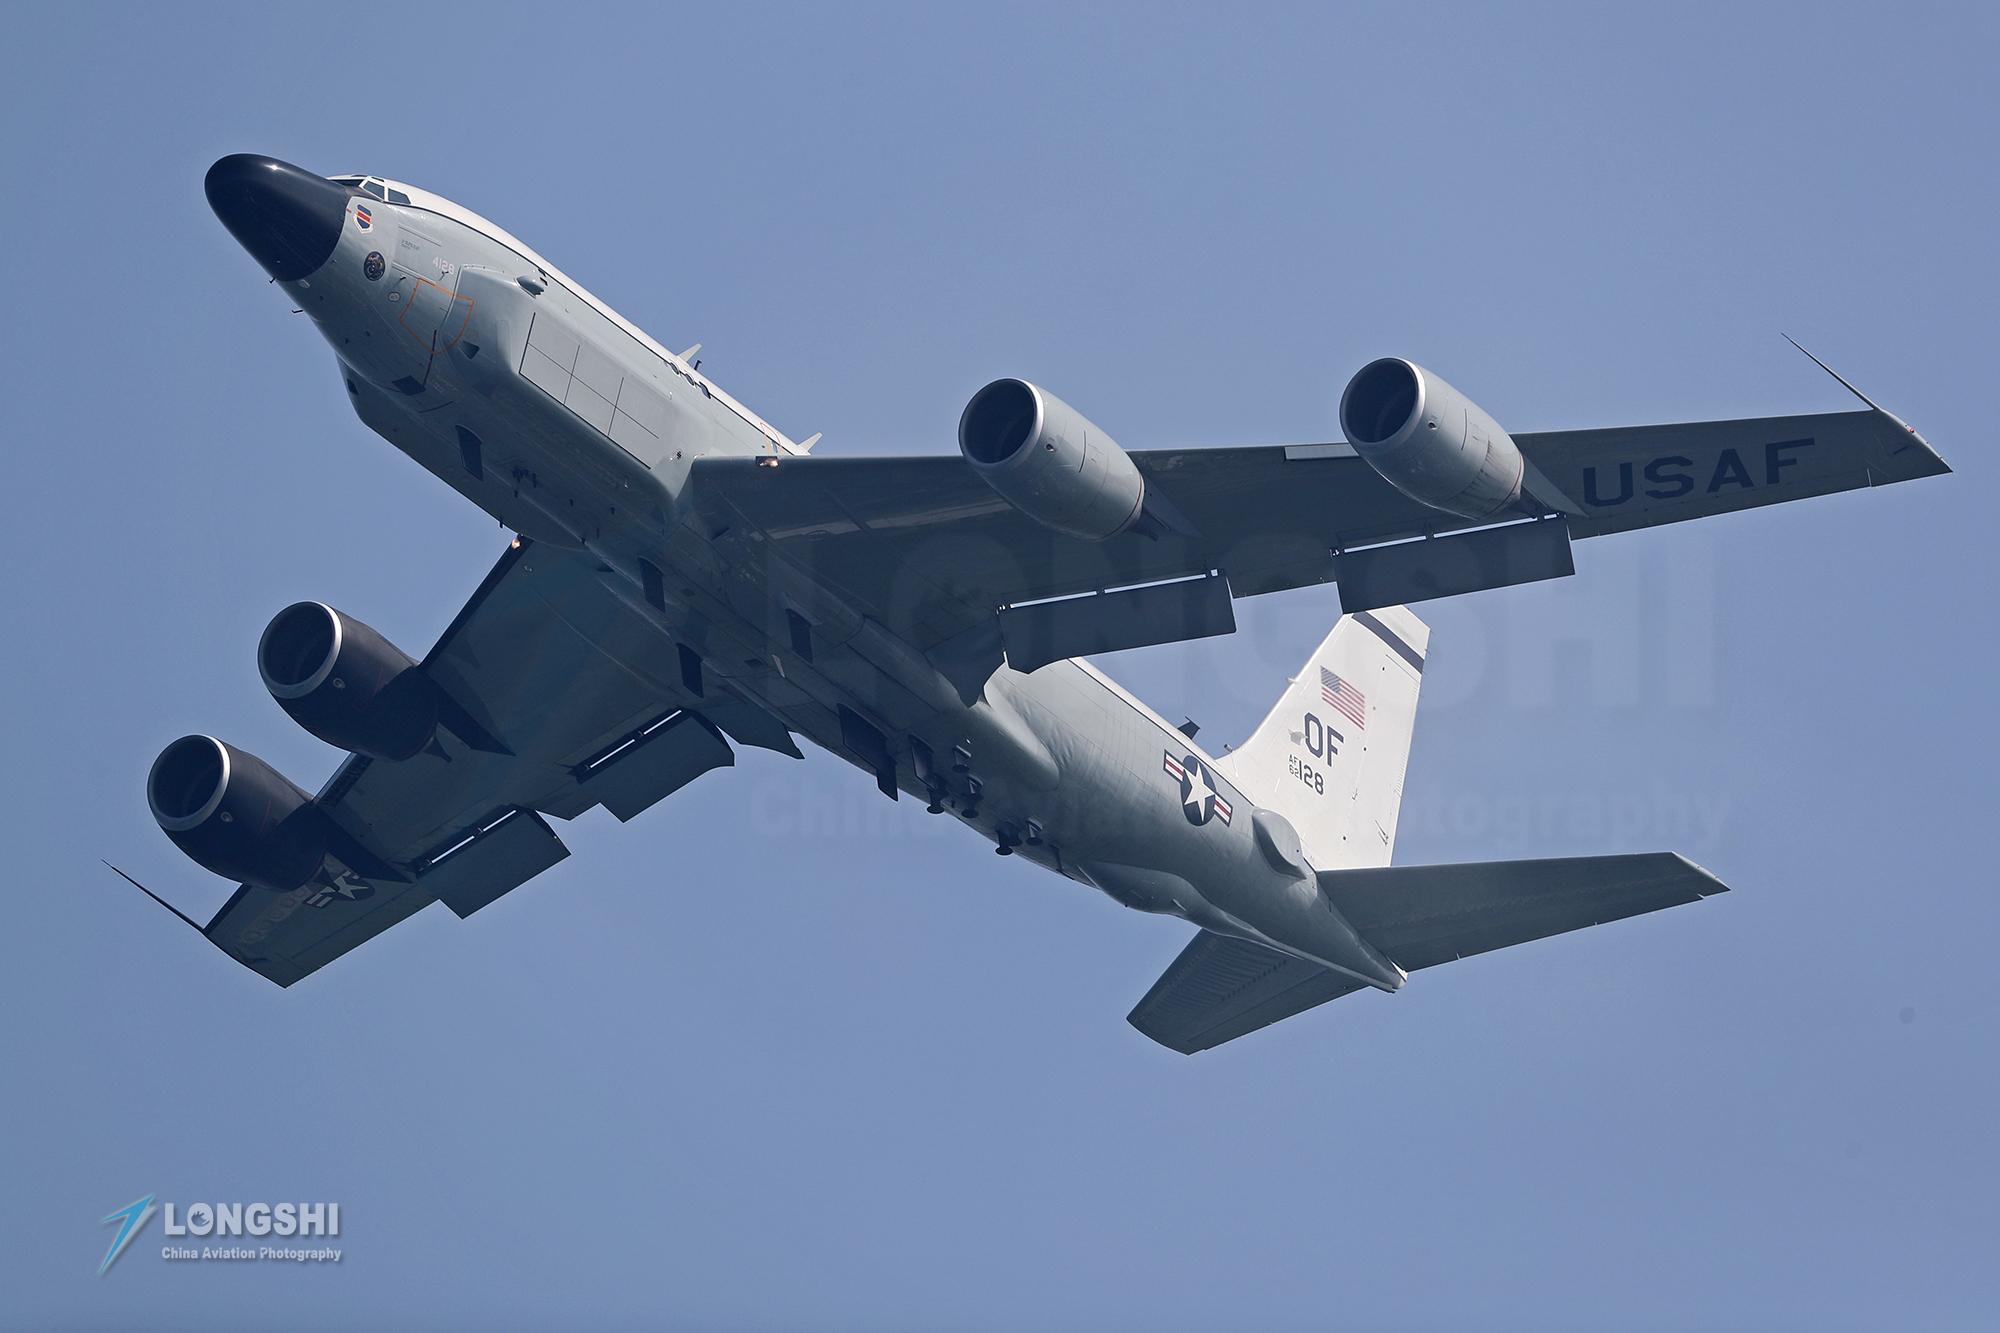 解放军东海军演,美军已经不淡定,动用导弹侦察机,偷窥本性难移